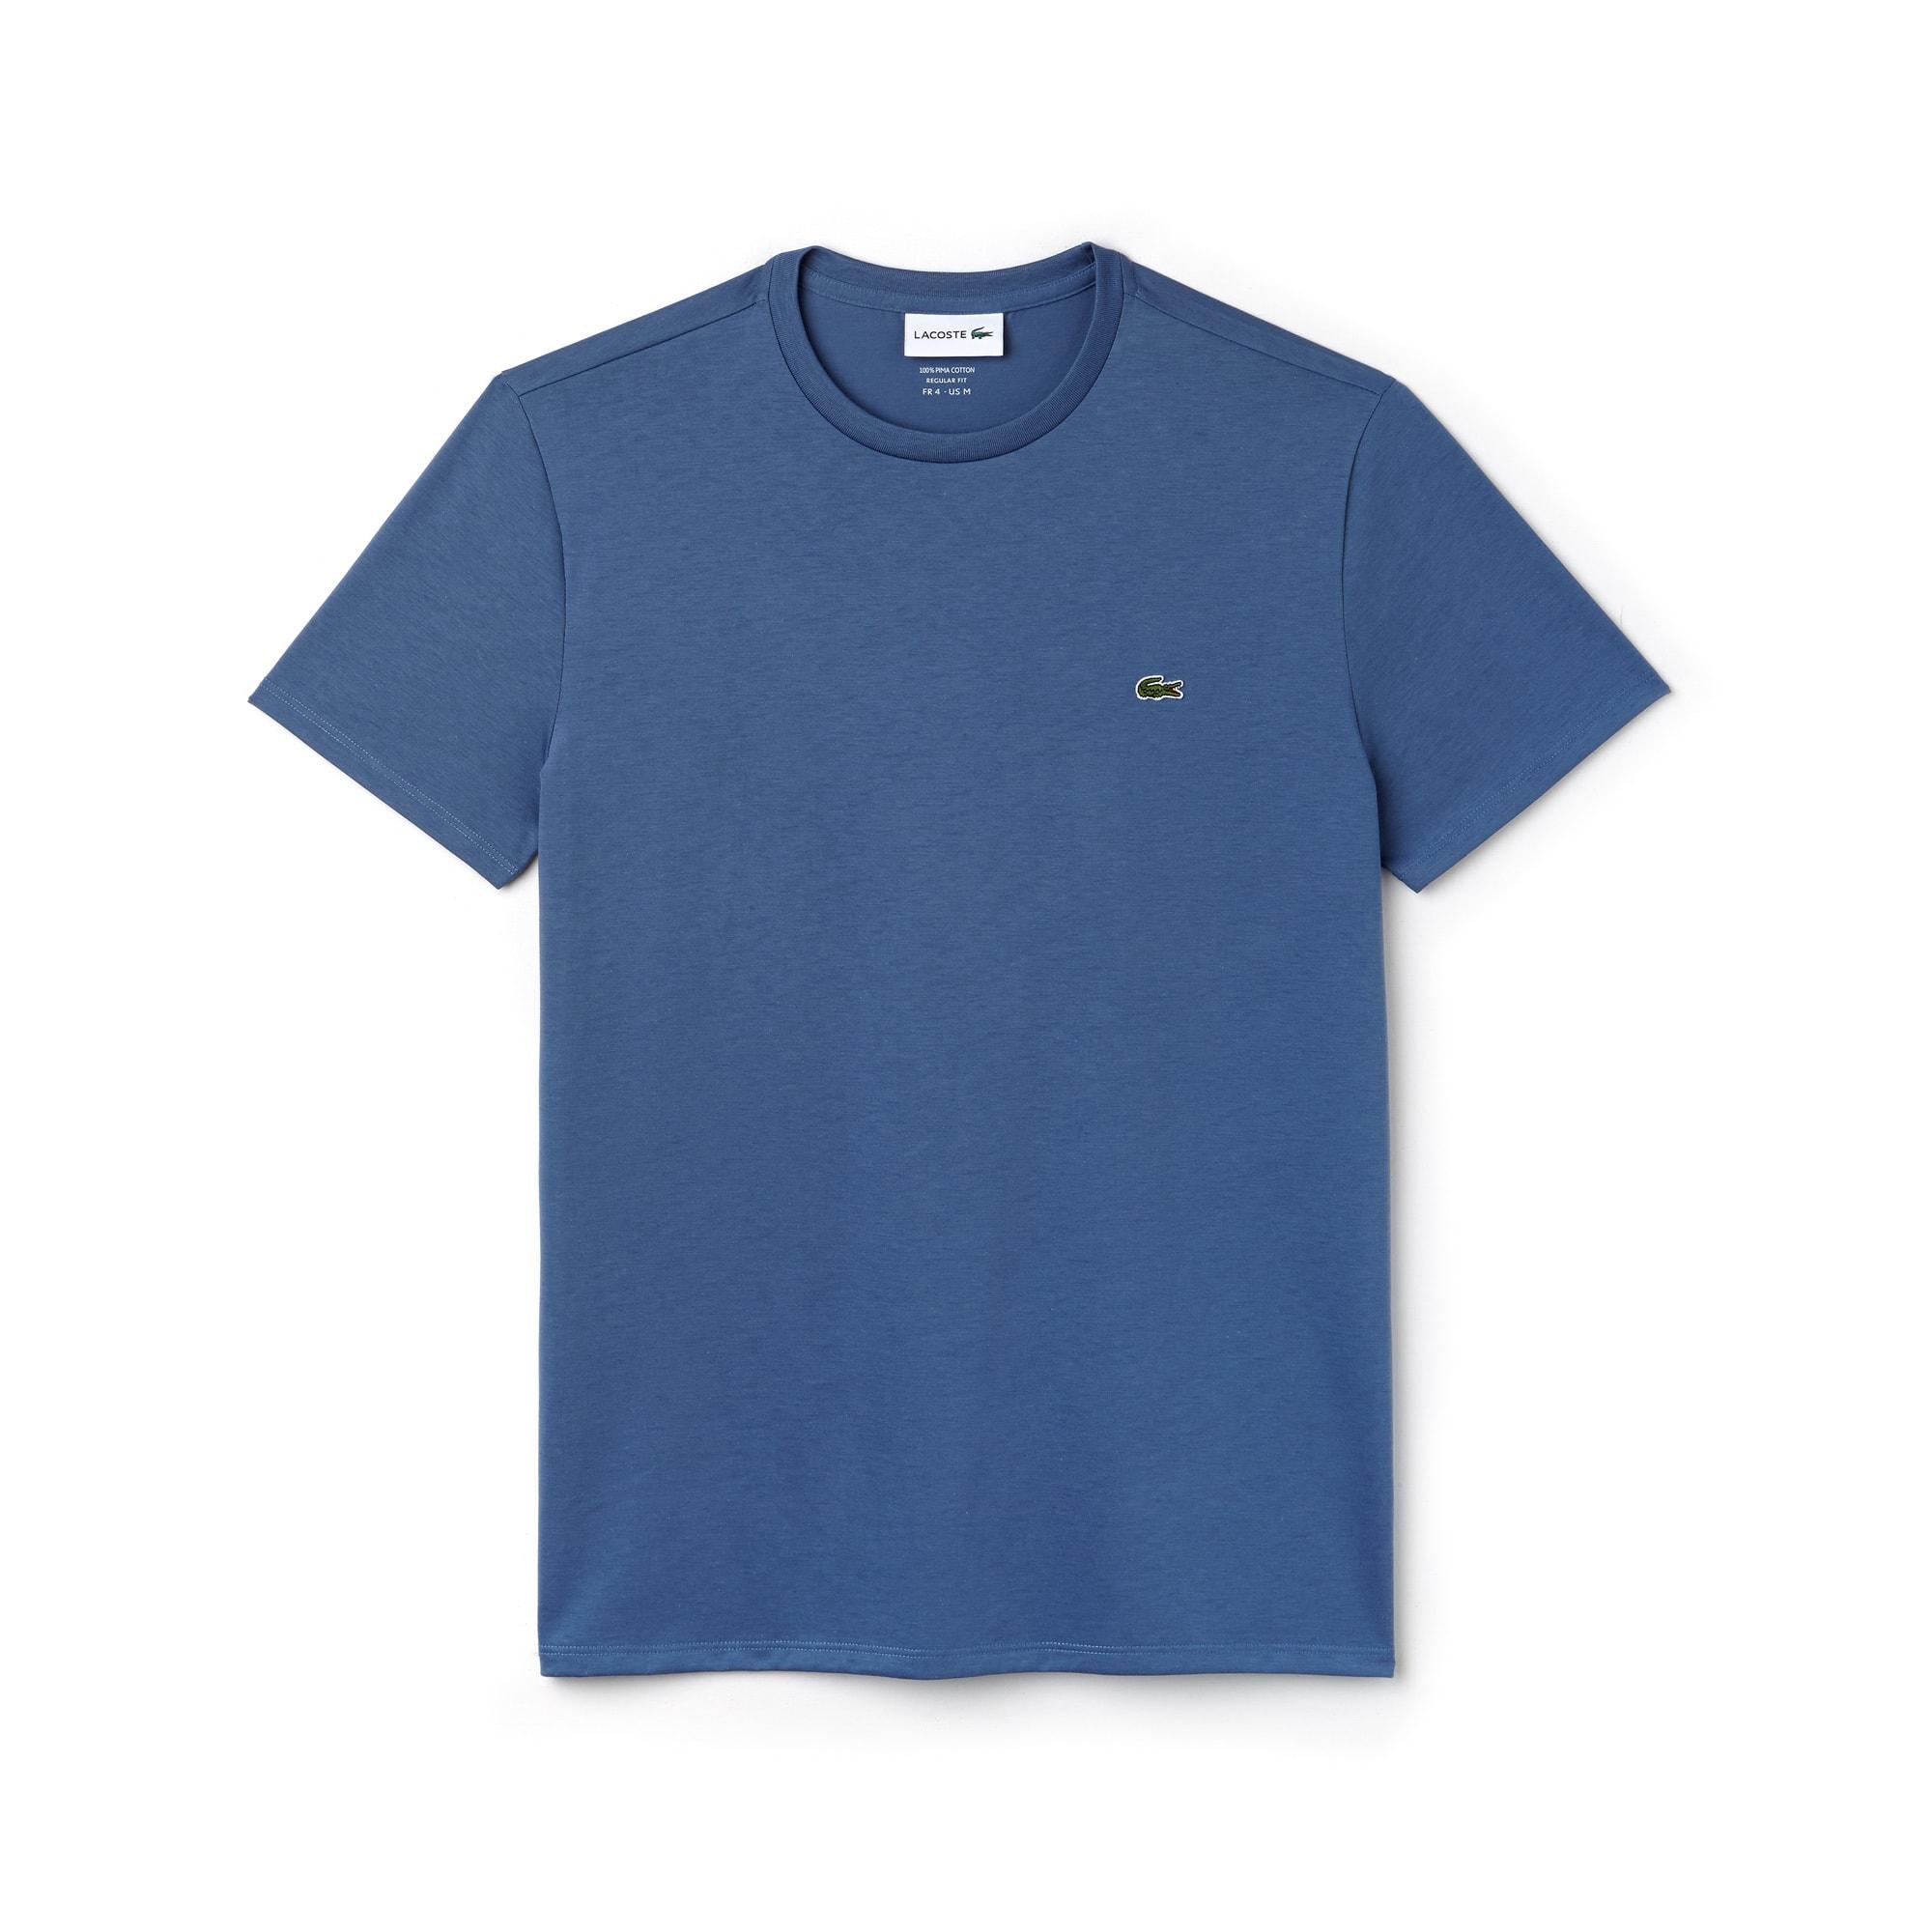 T-shirt met ronde hals van effen pima katoenjersey